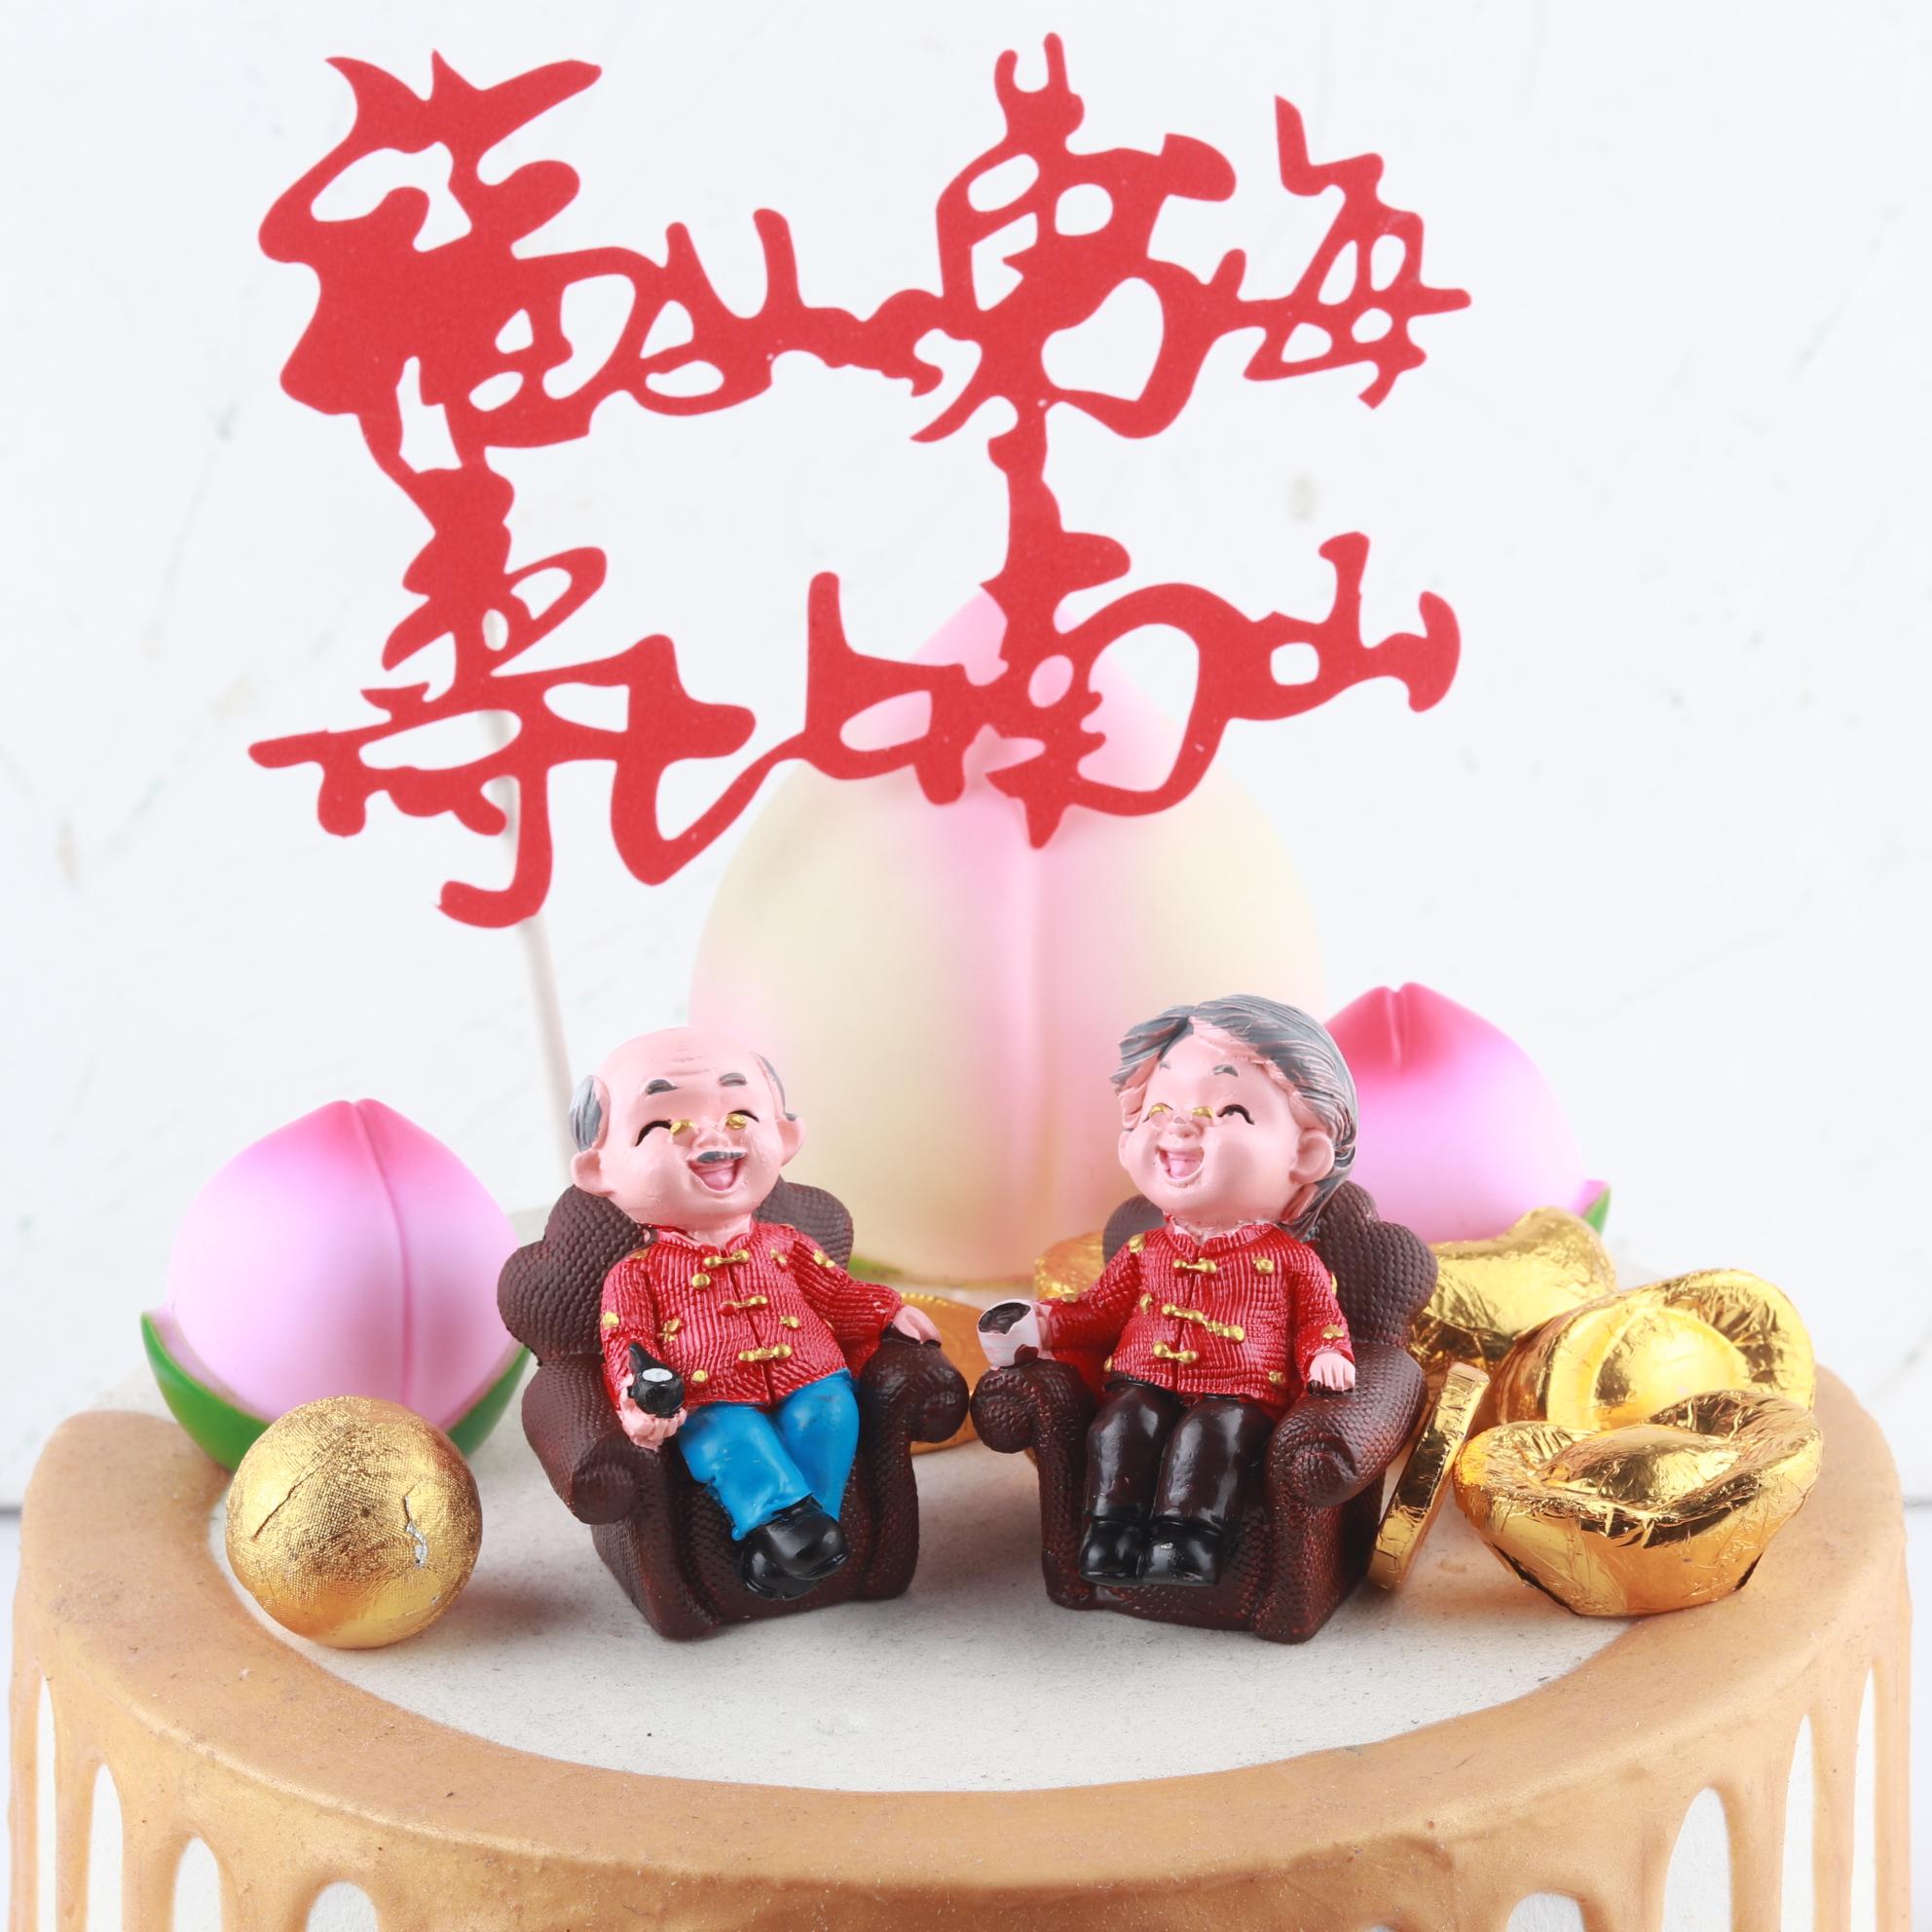 烘焙蛋糕沙发爷爷奶奶装饰摆件老人过寿爸妈爷爷奶奶金婚银婚礼物